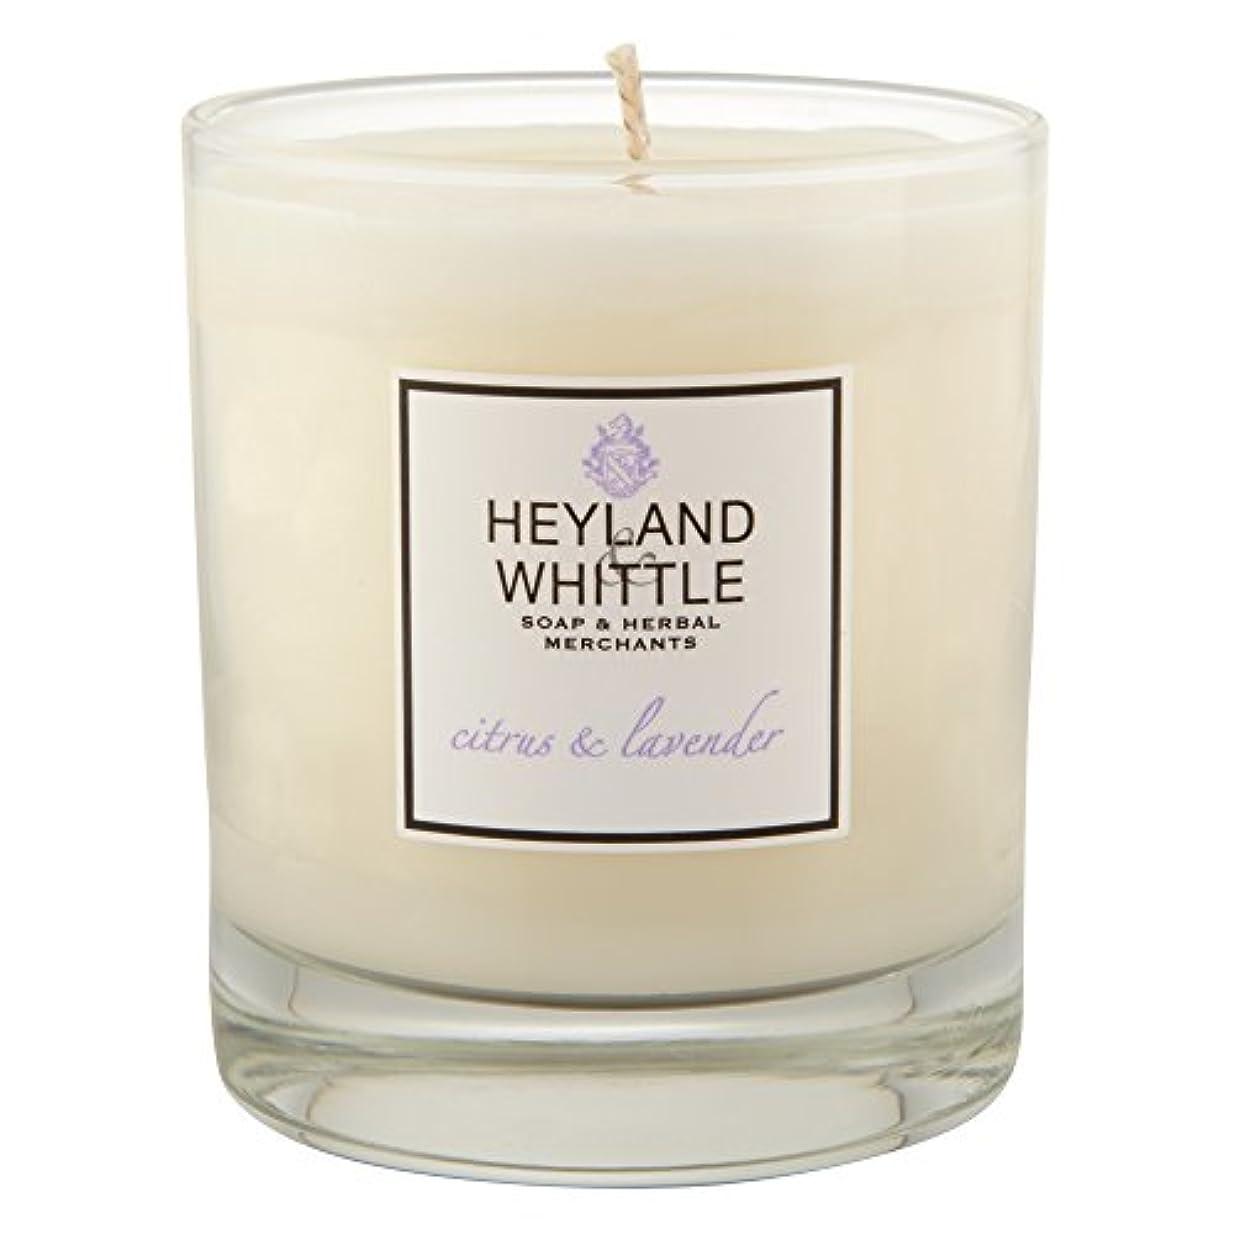 矛盾終わり修復Heyland & Whittle Citrus and Lavender Candle (Pack of 2) - Heyland&削るシトラスとラベンダーキャンドル (Heyland & Whittle) (x2)...